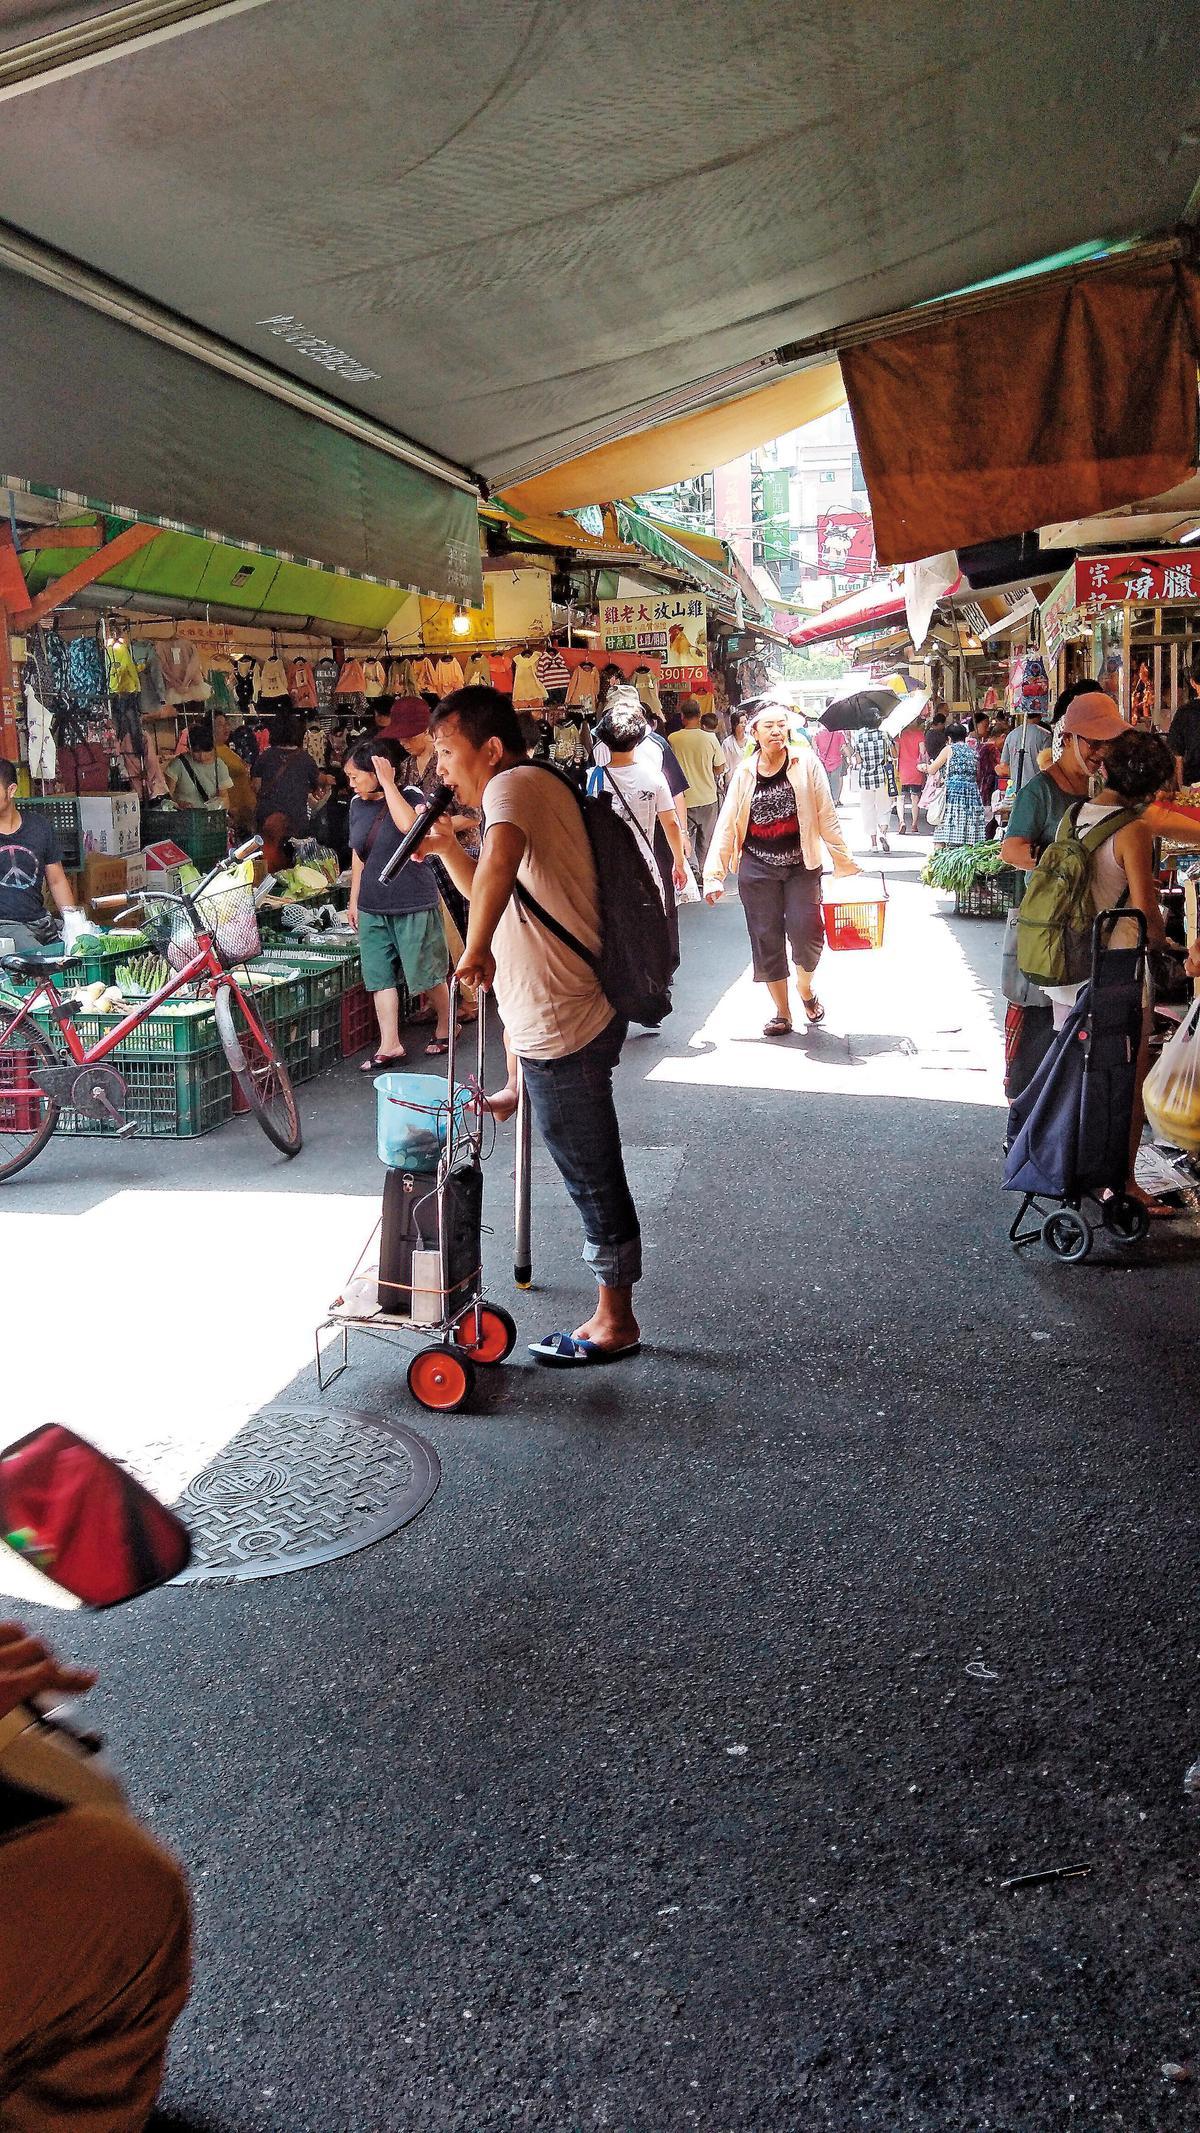 這些身障者多半賣唱吸引注意,可憐模樣博取台灣民眾同情,每日收入驚人。